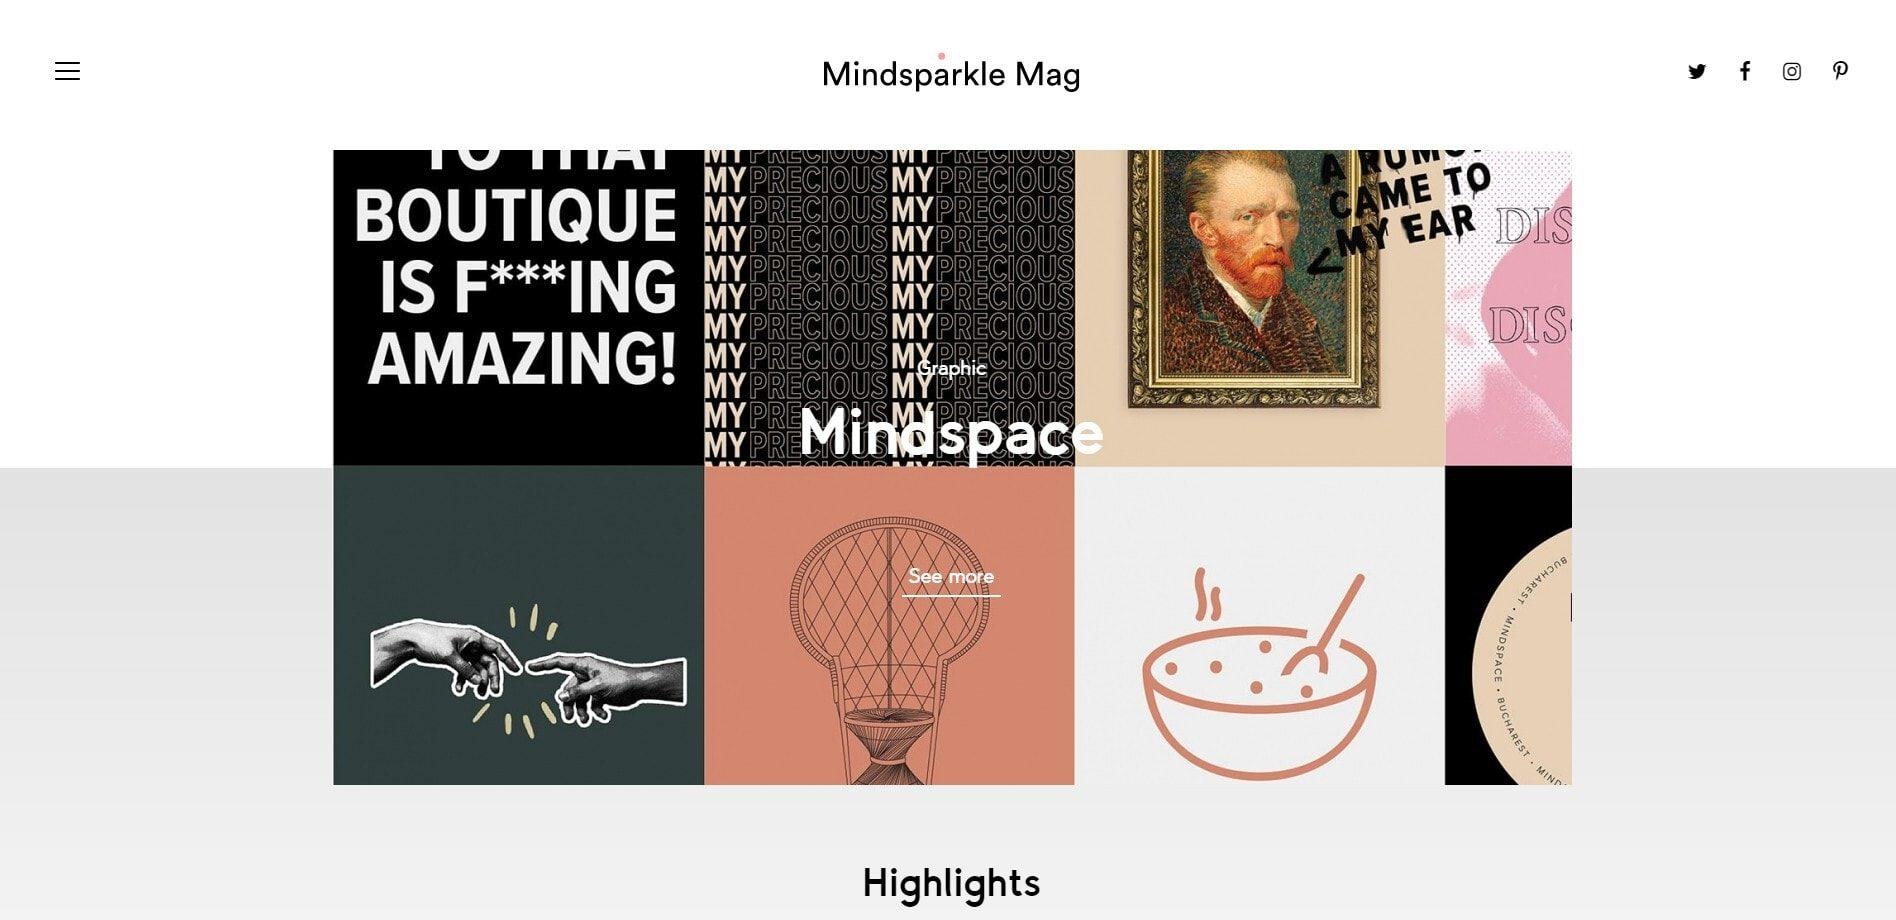 Mindsparkle Mag - Design blog